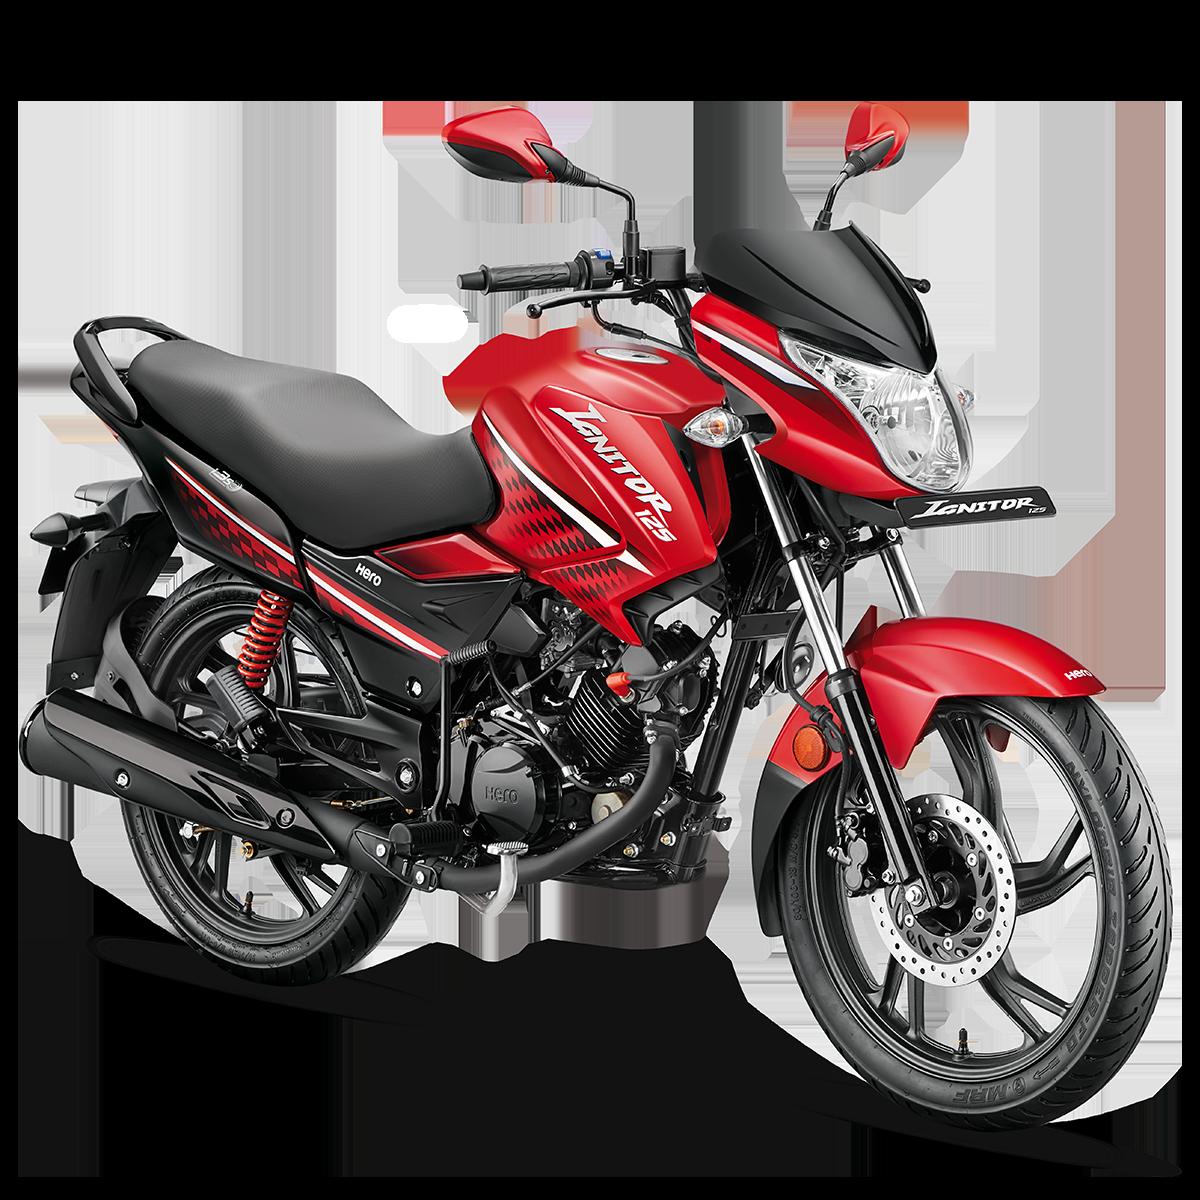 IGNITOR - Motor: 125cc / Potencia: 11.4BHPPrecio: Q10,550.00 / Cuota: Q437.50